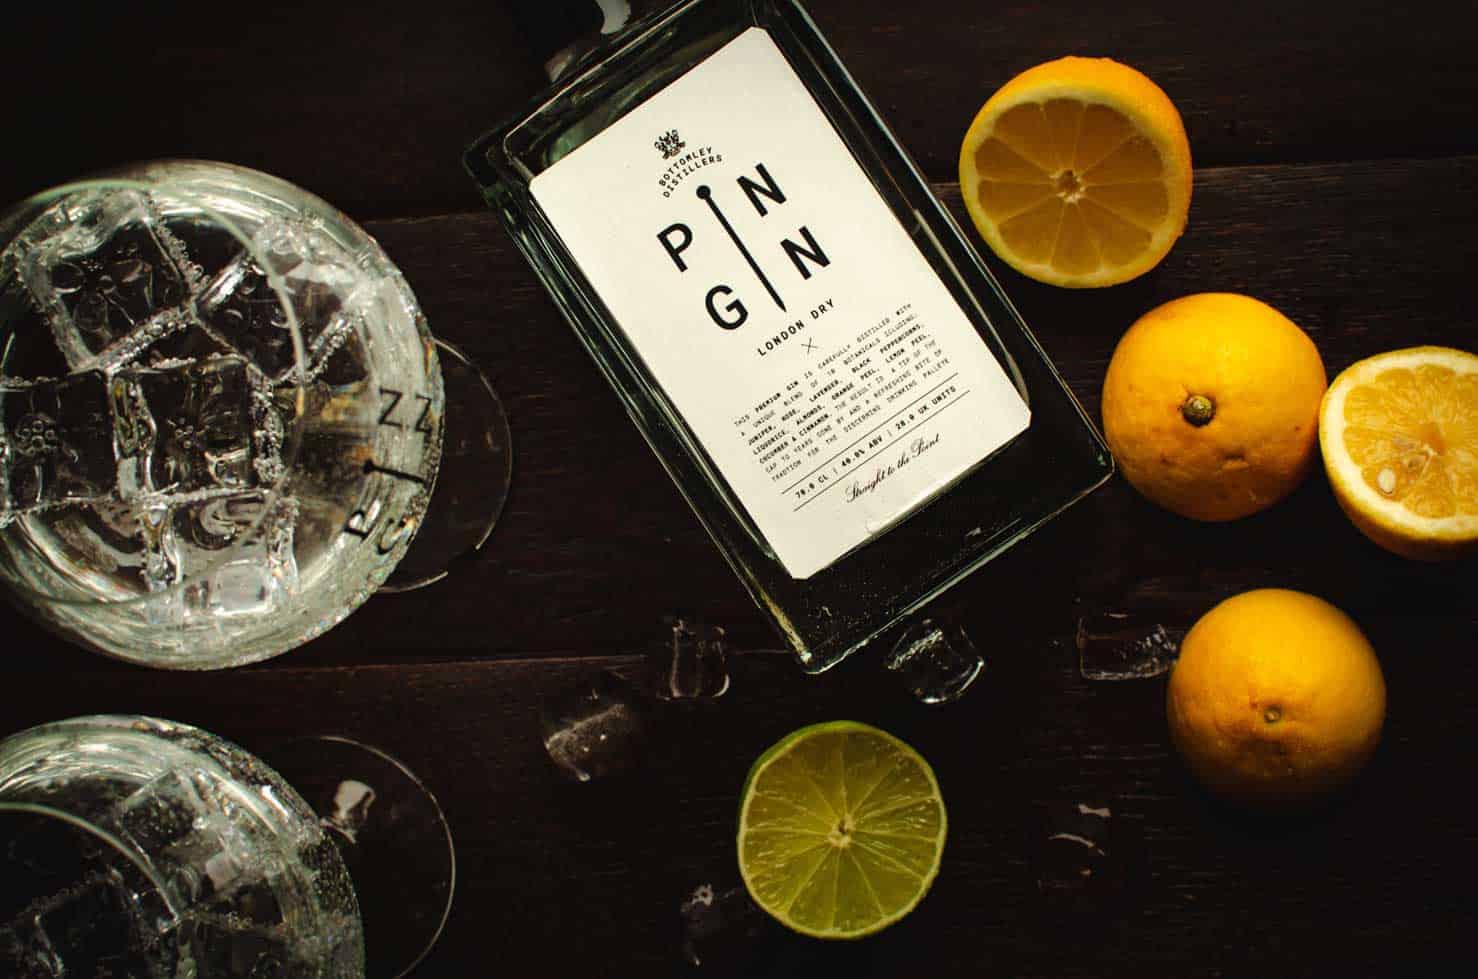 Pin Gin